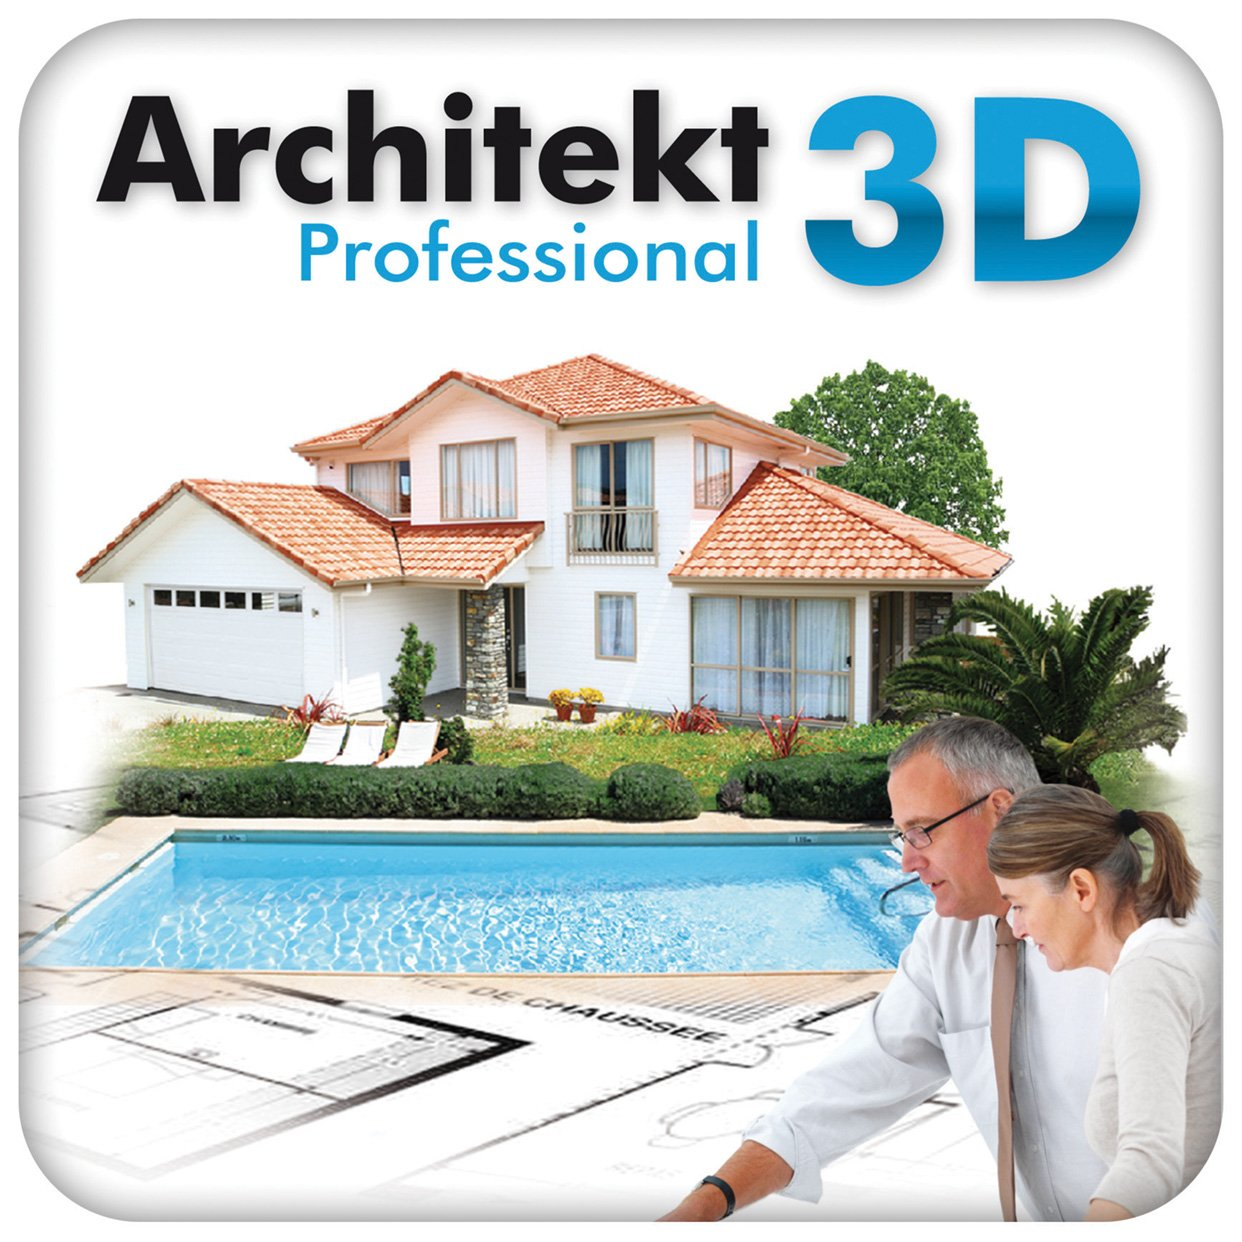 Architekt 3D Professional: Amazon.de: Software